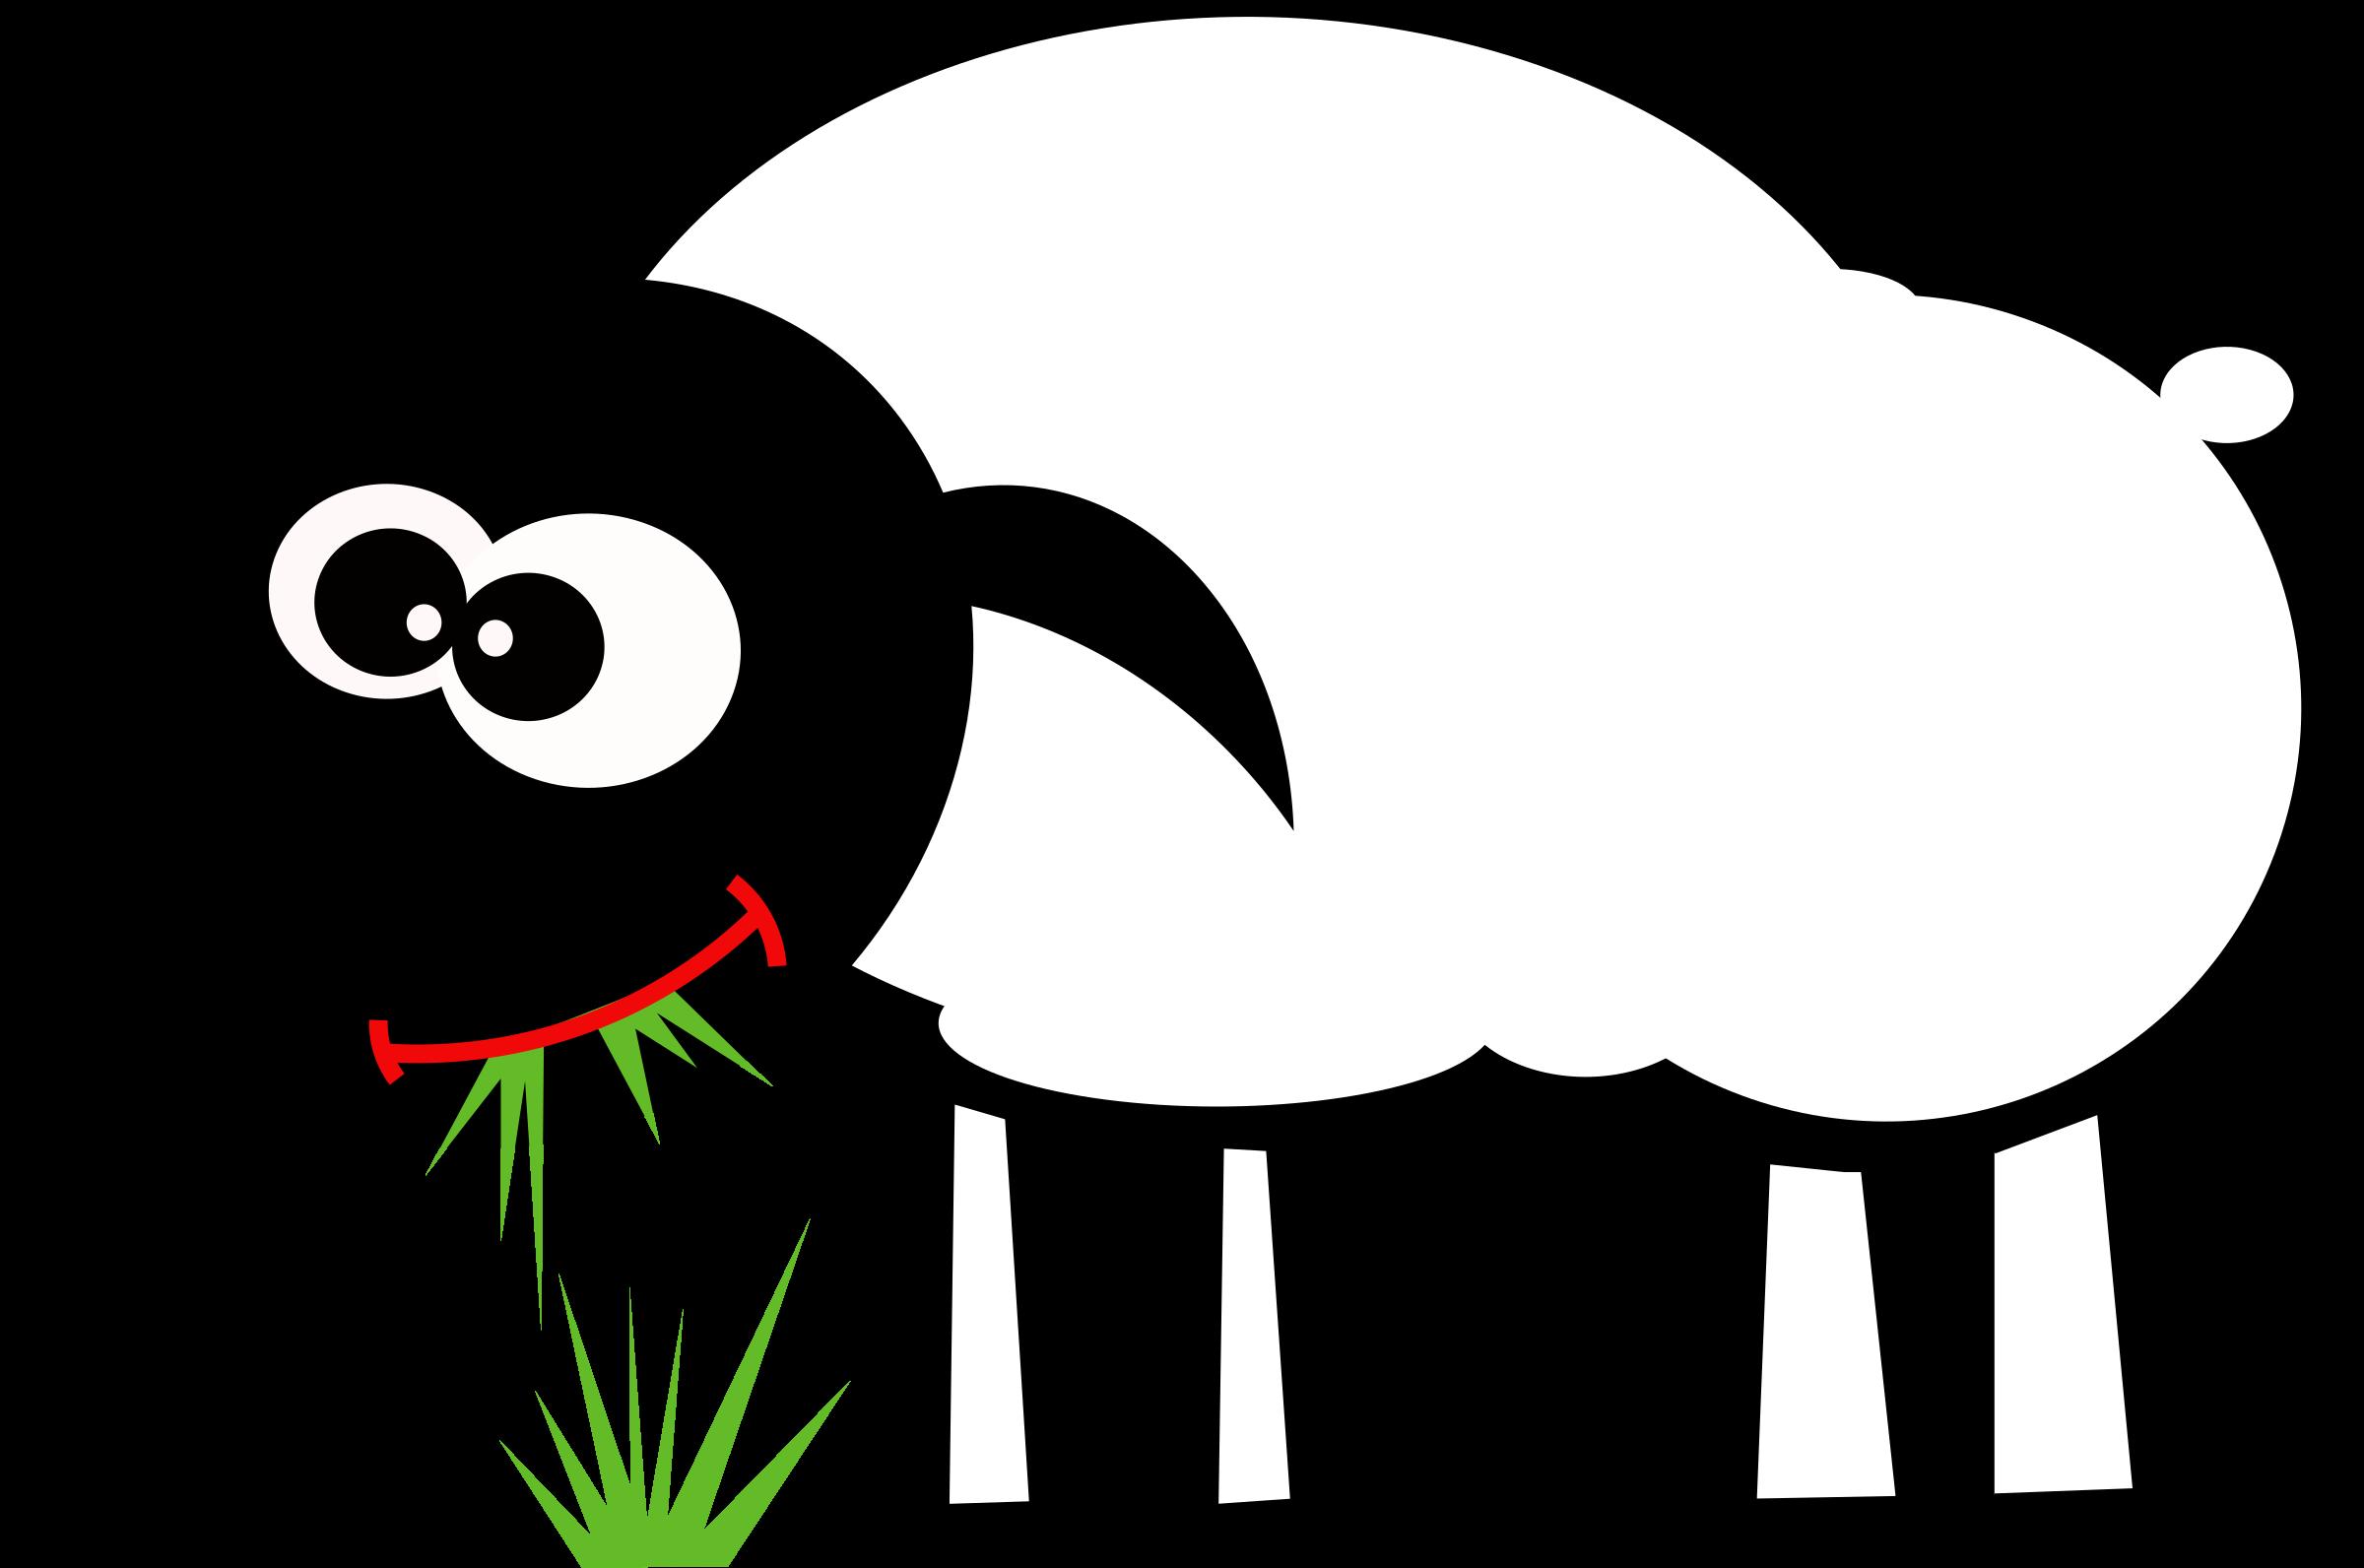 Sheep clipart sheep grazing #3